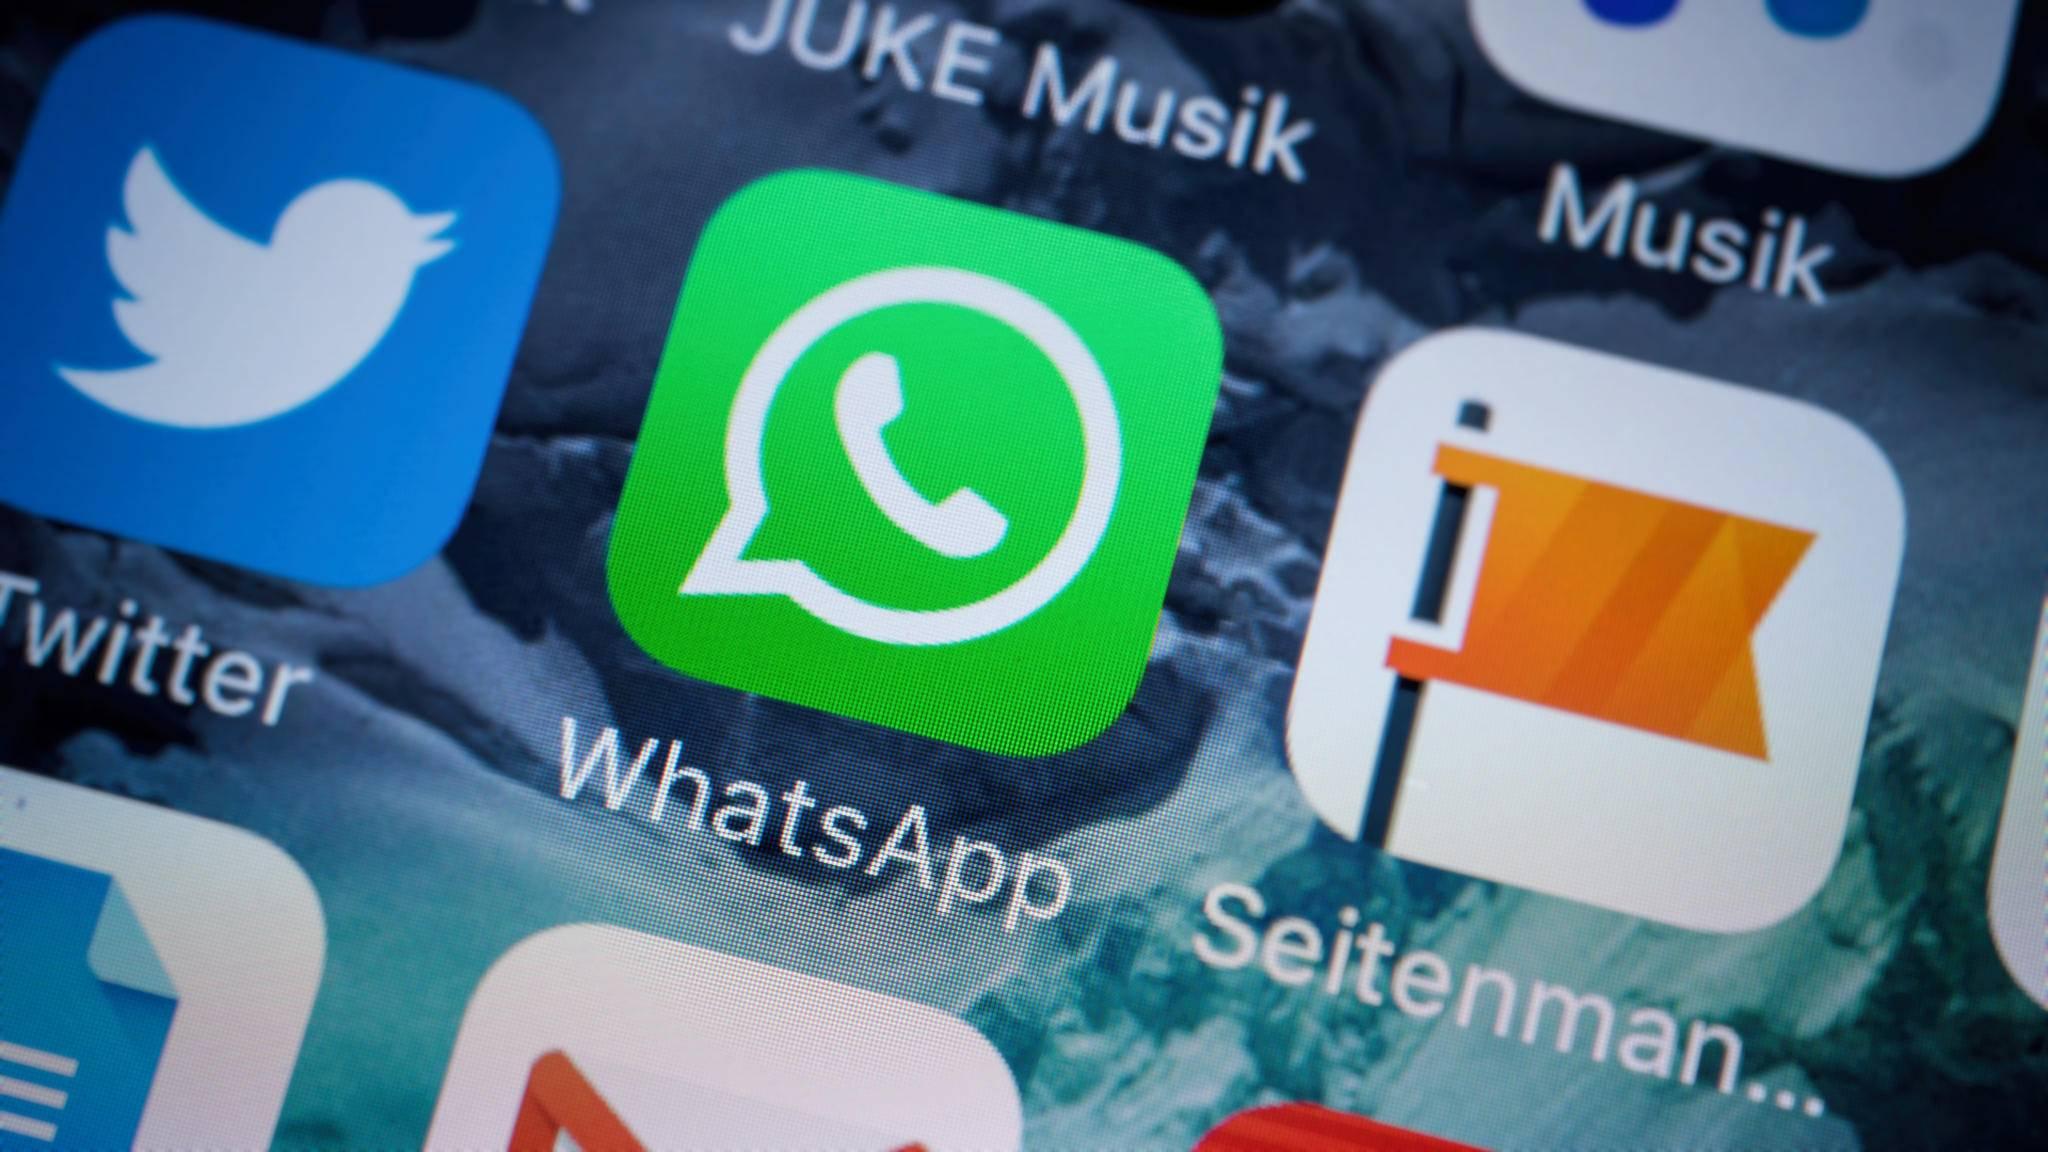 Seit Kurzem kannst Du Bilder direkt in WhatsApp mit verschiedenen Filtern versehen.